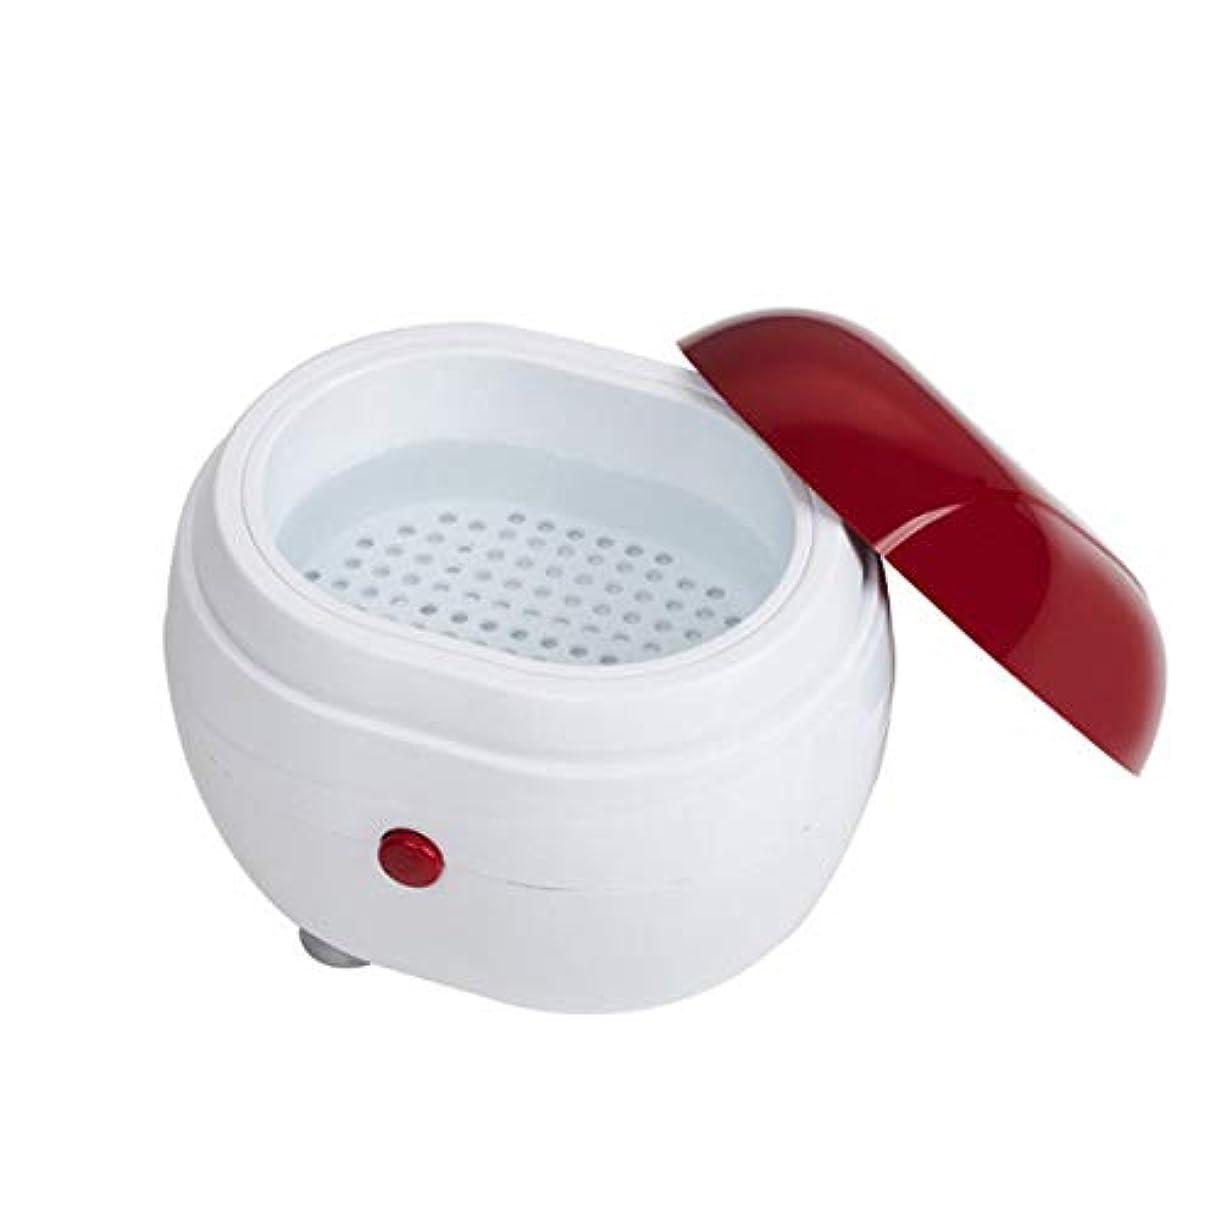 リクルート旋回ハチMolySun 歯用ツール 歯清潔 ポータブル超音波洗浄機家庭用ジュエリーレンズ時計入れ歯洗浄機洗濯機クリーナークリーニングボックス 赤と白